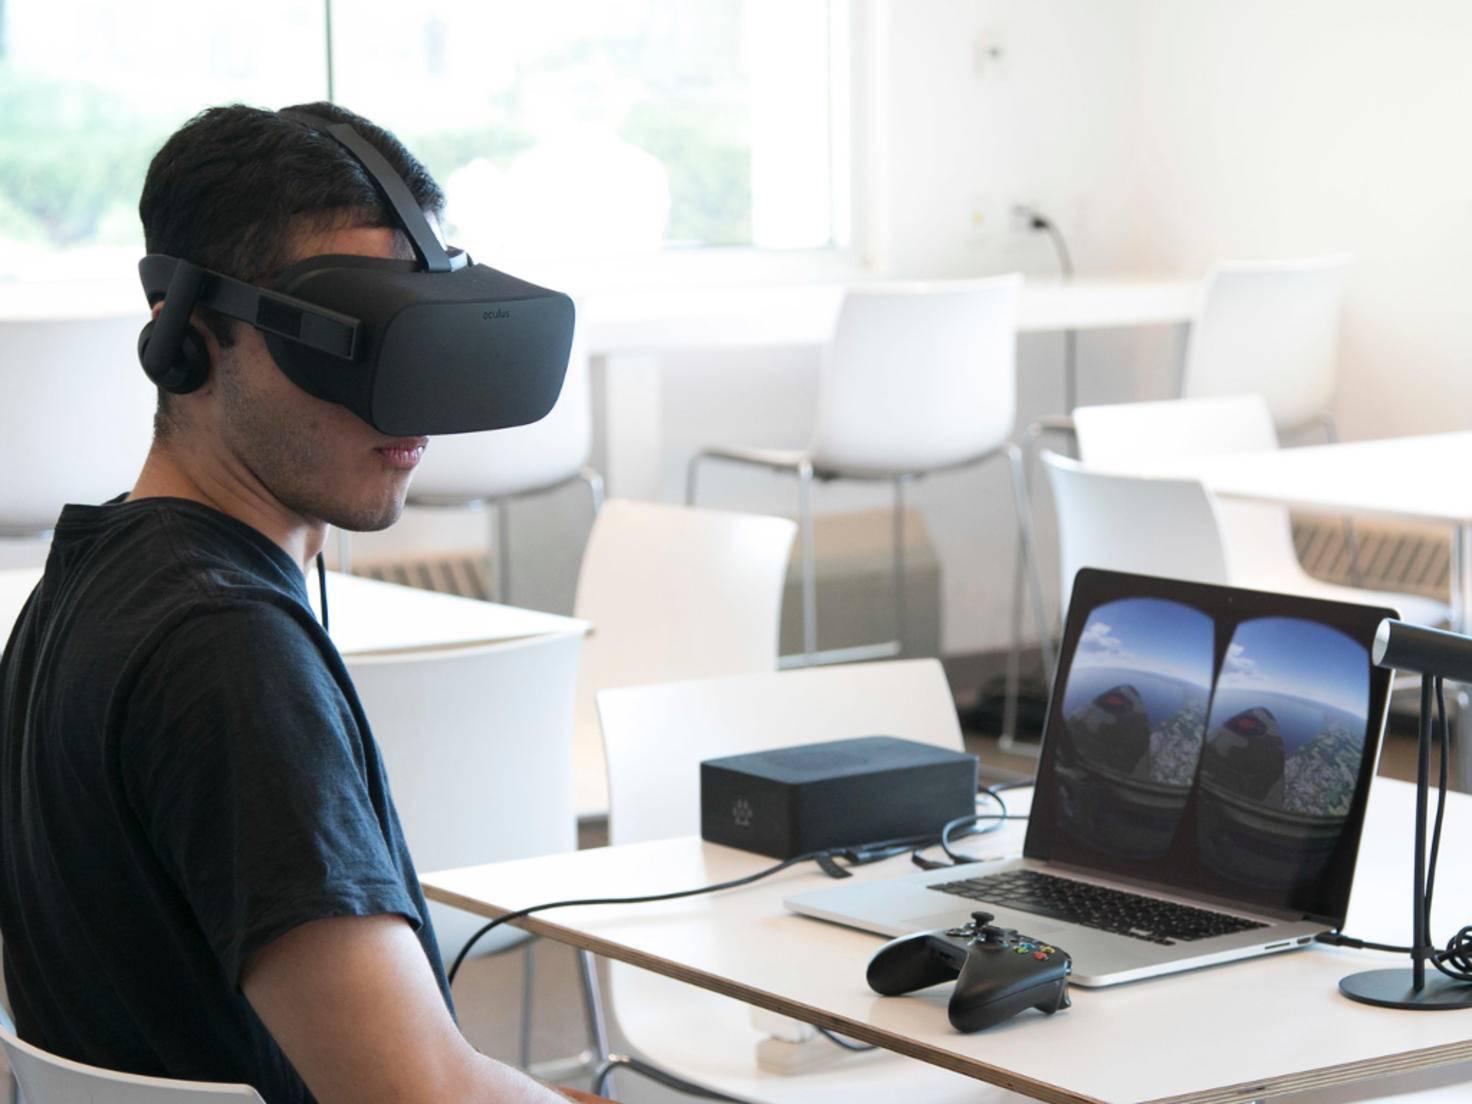 The Wolfe soll VR auf den Laptop bringen.